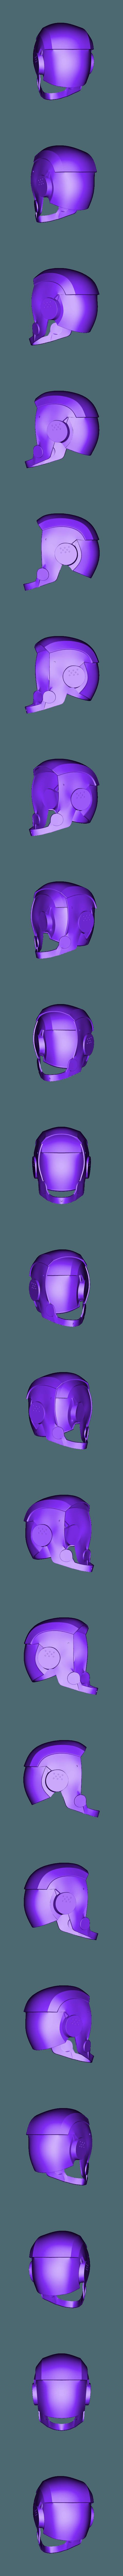 Back Full.stl Download STL file Deathstroke Injustice Helmet • 3D printable model, VillainousPropShop